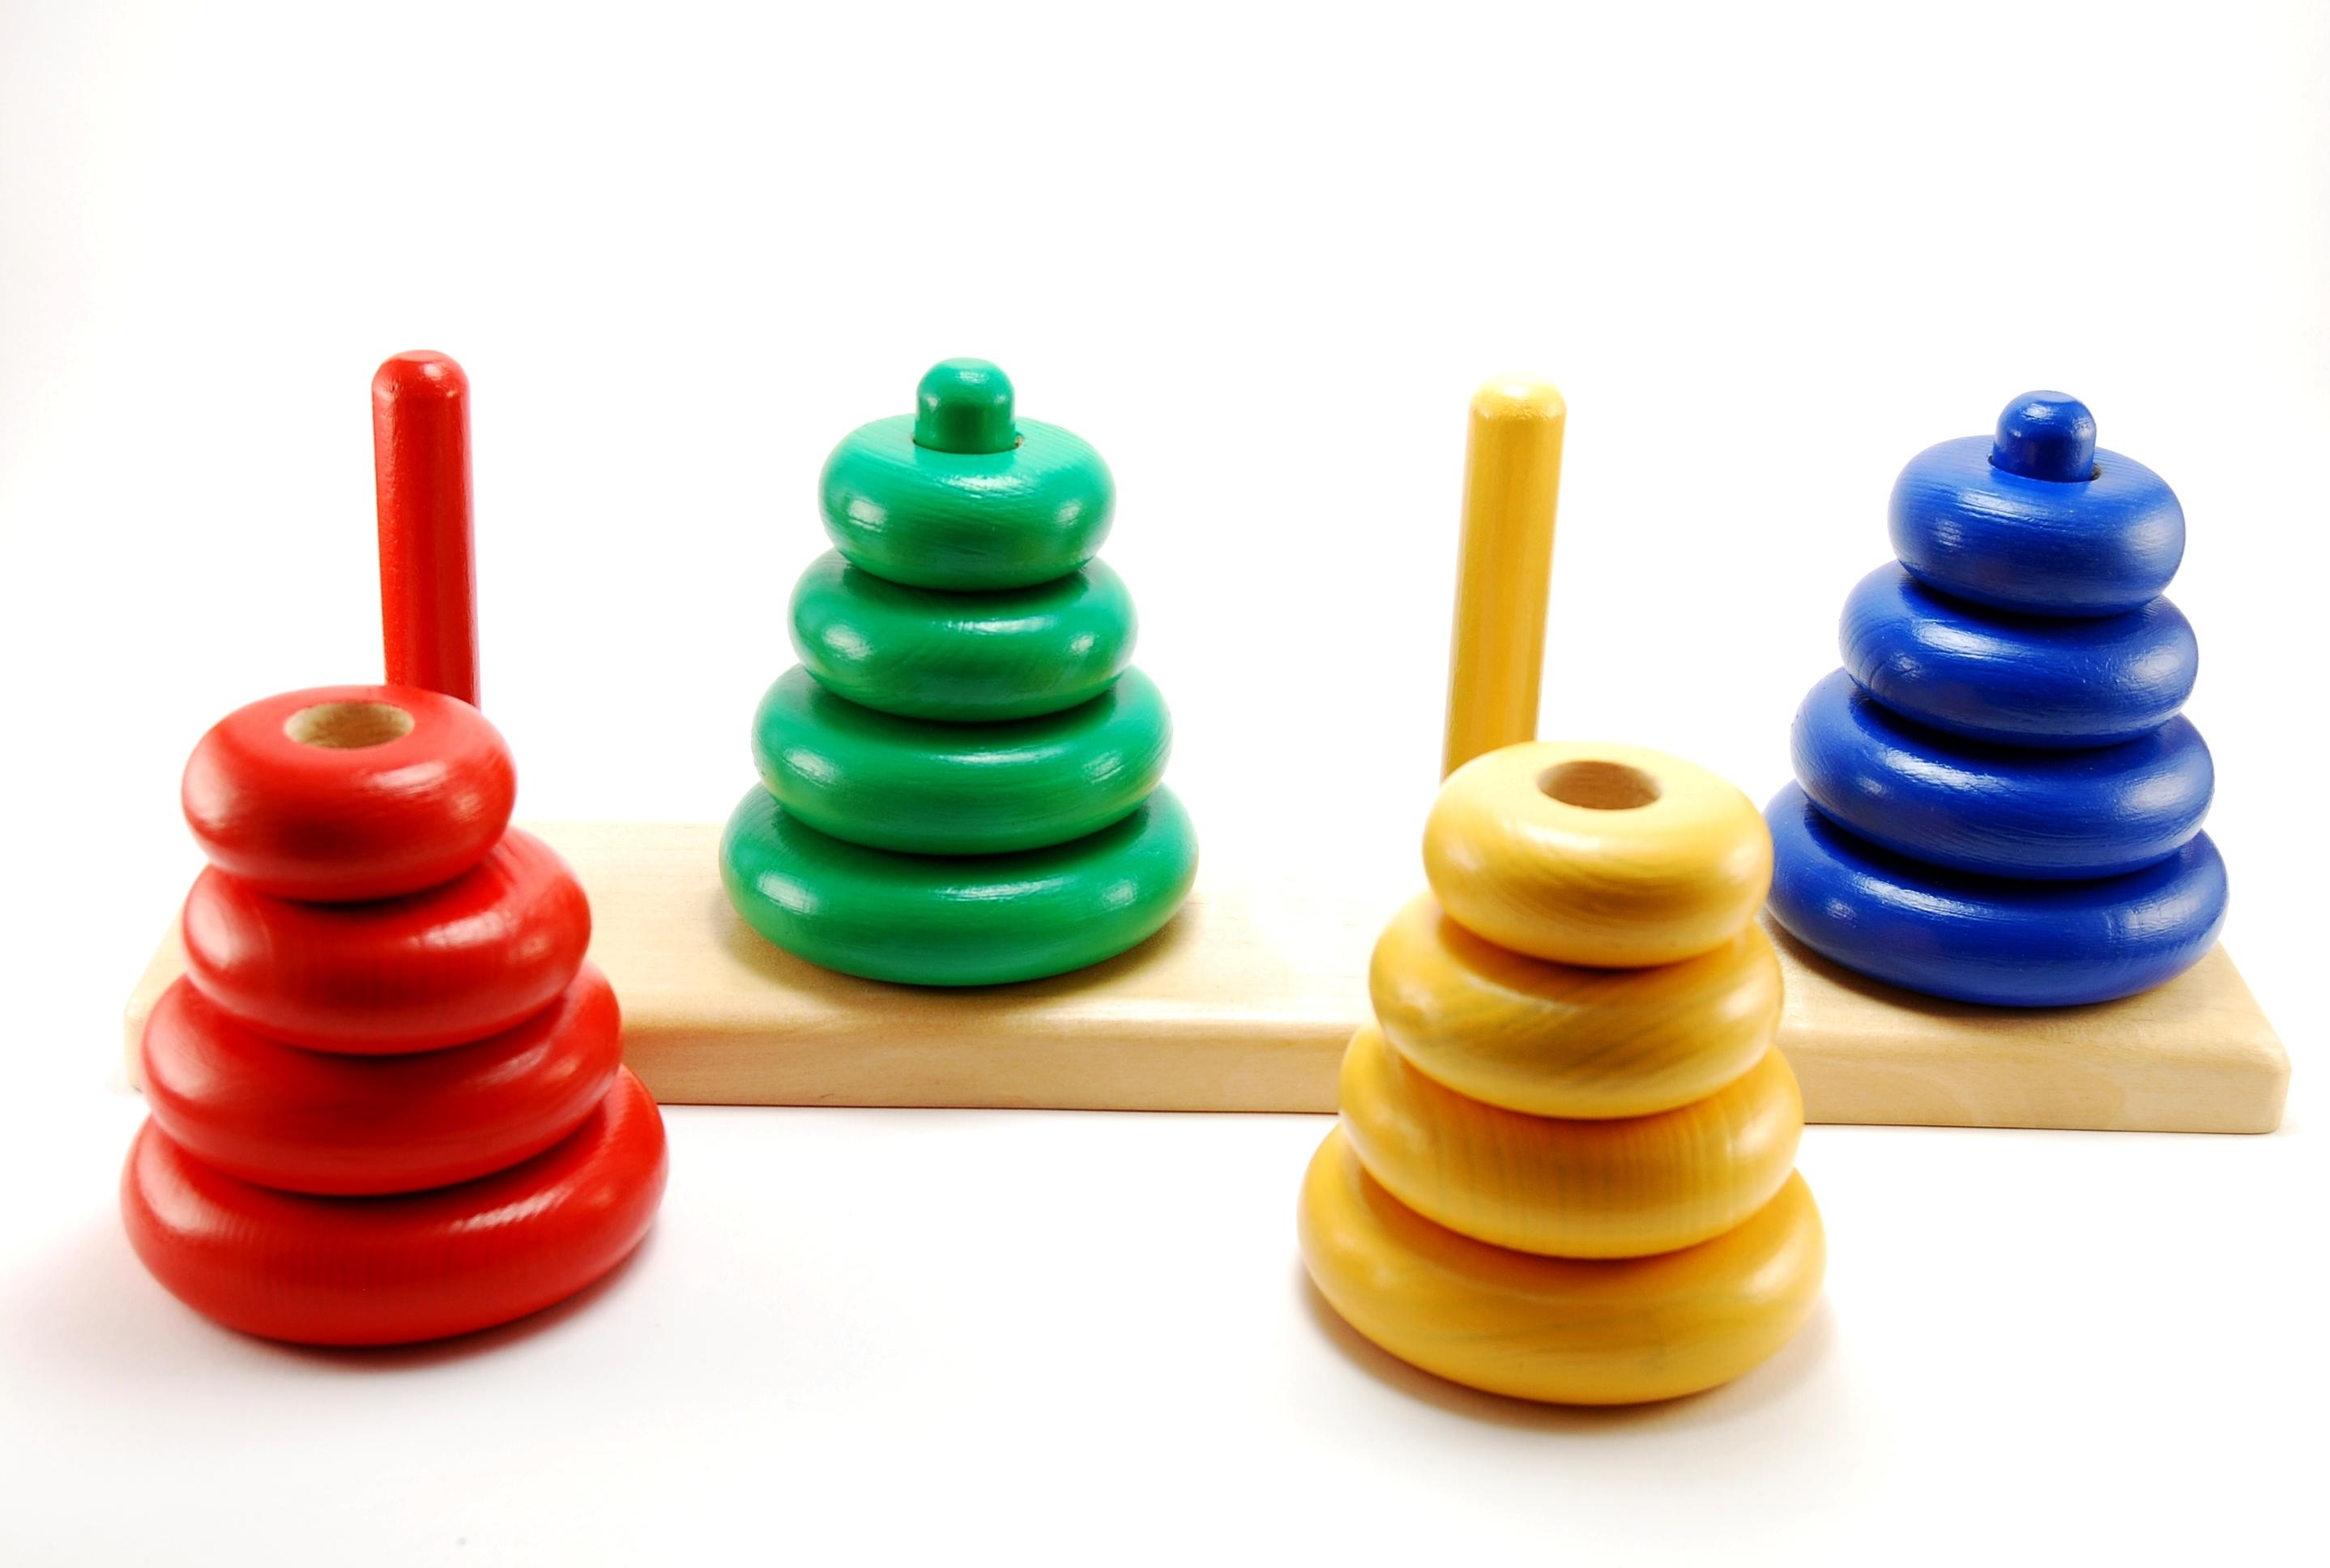 giochi didattici giochi per bambini giocattoli didattici giochi bambine. Black Bedroom Furniture Sets. Home Design Ideas